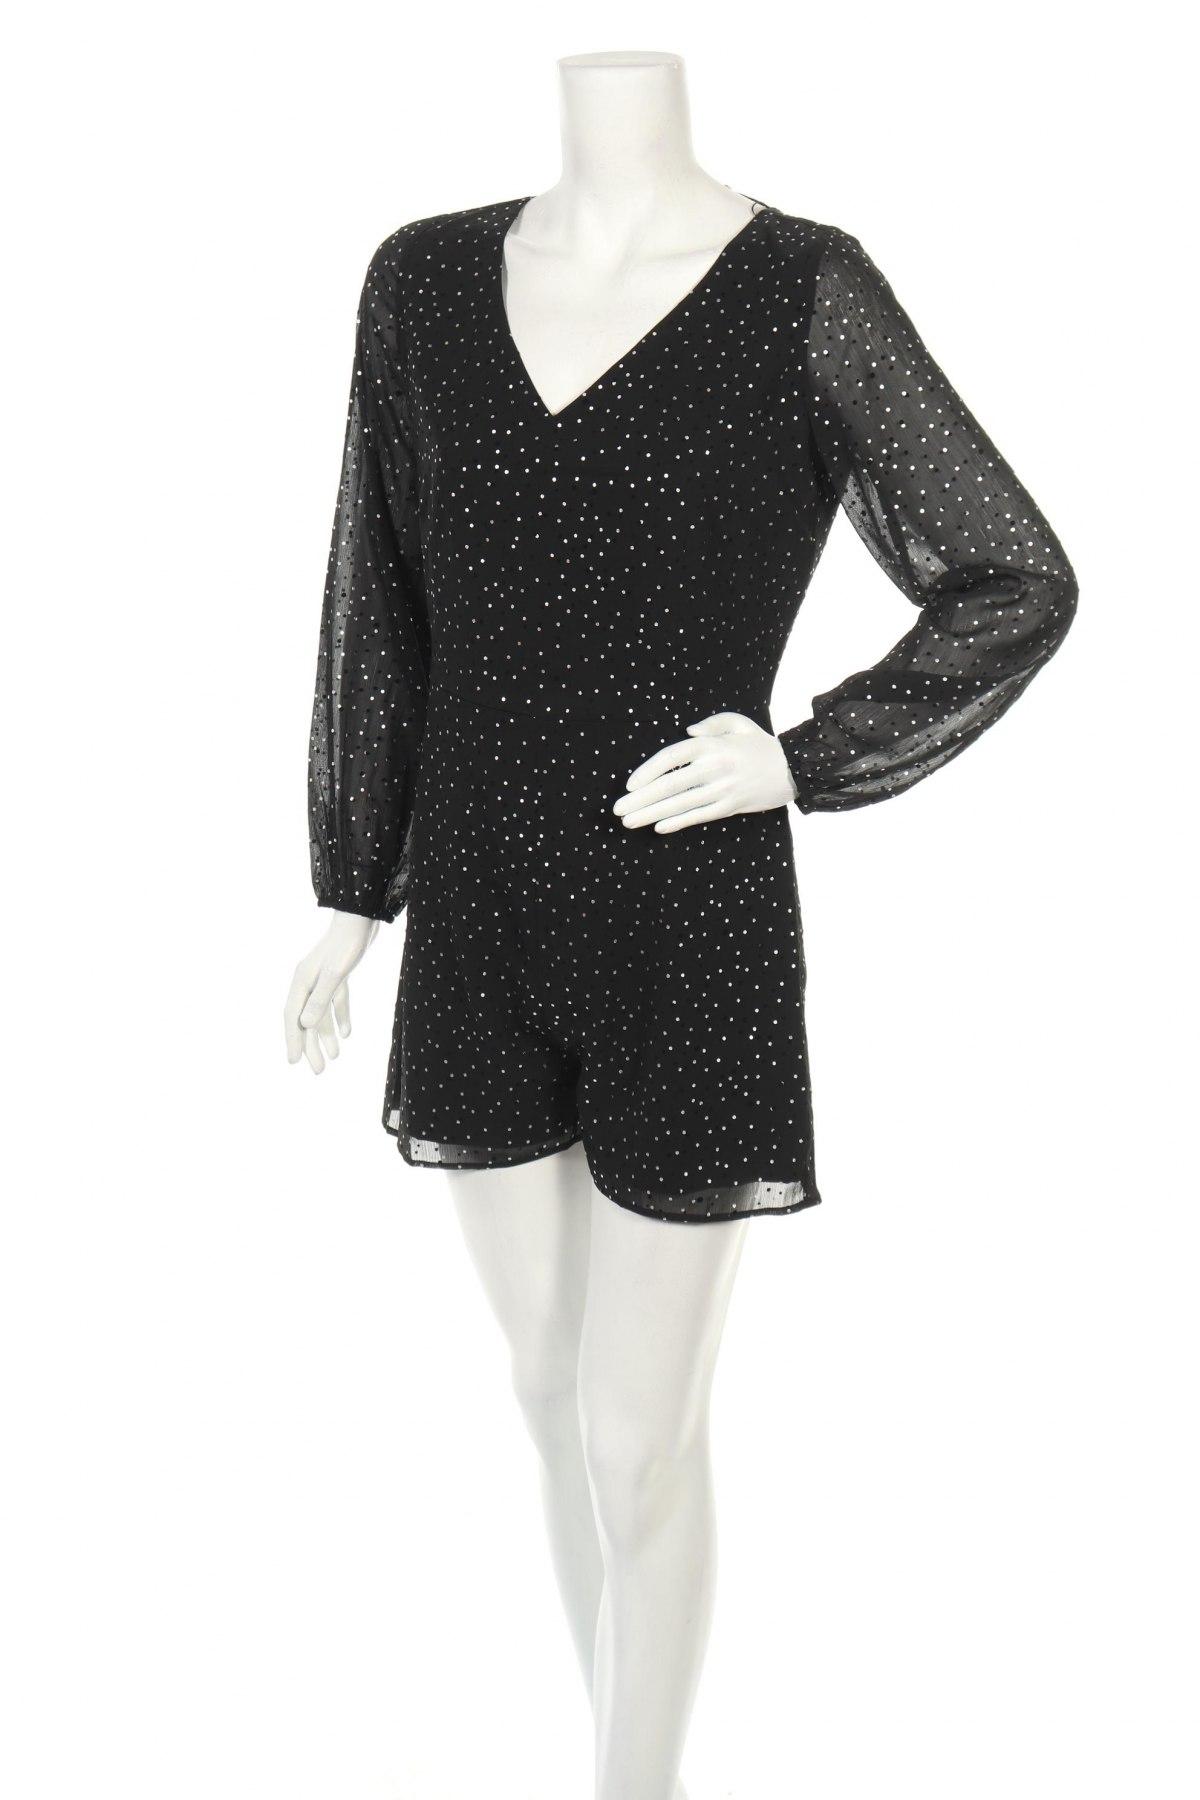 Γυναικεία σαλοπέτα Edc By Esprit, Μέγεθος S, Χρώμα Μαύρο, Πολυεστέρας, Τιμή 12,85€